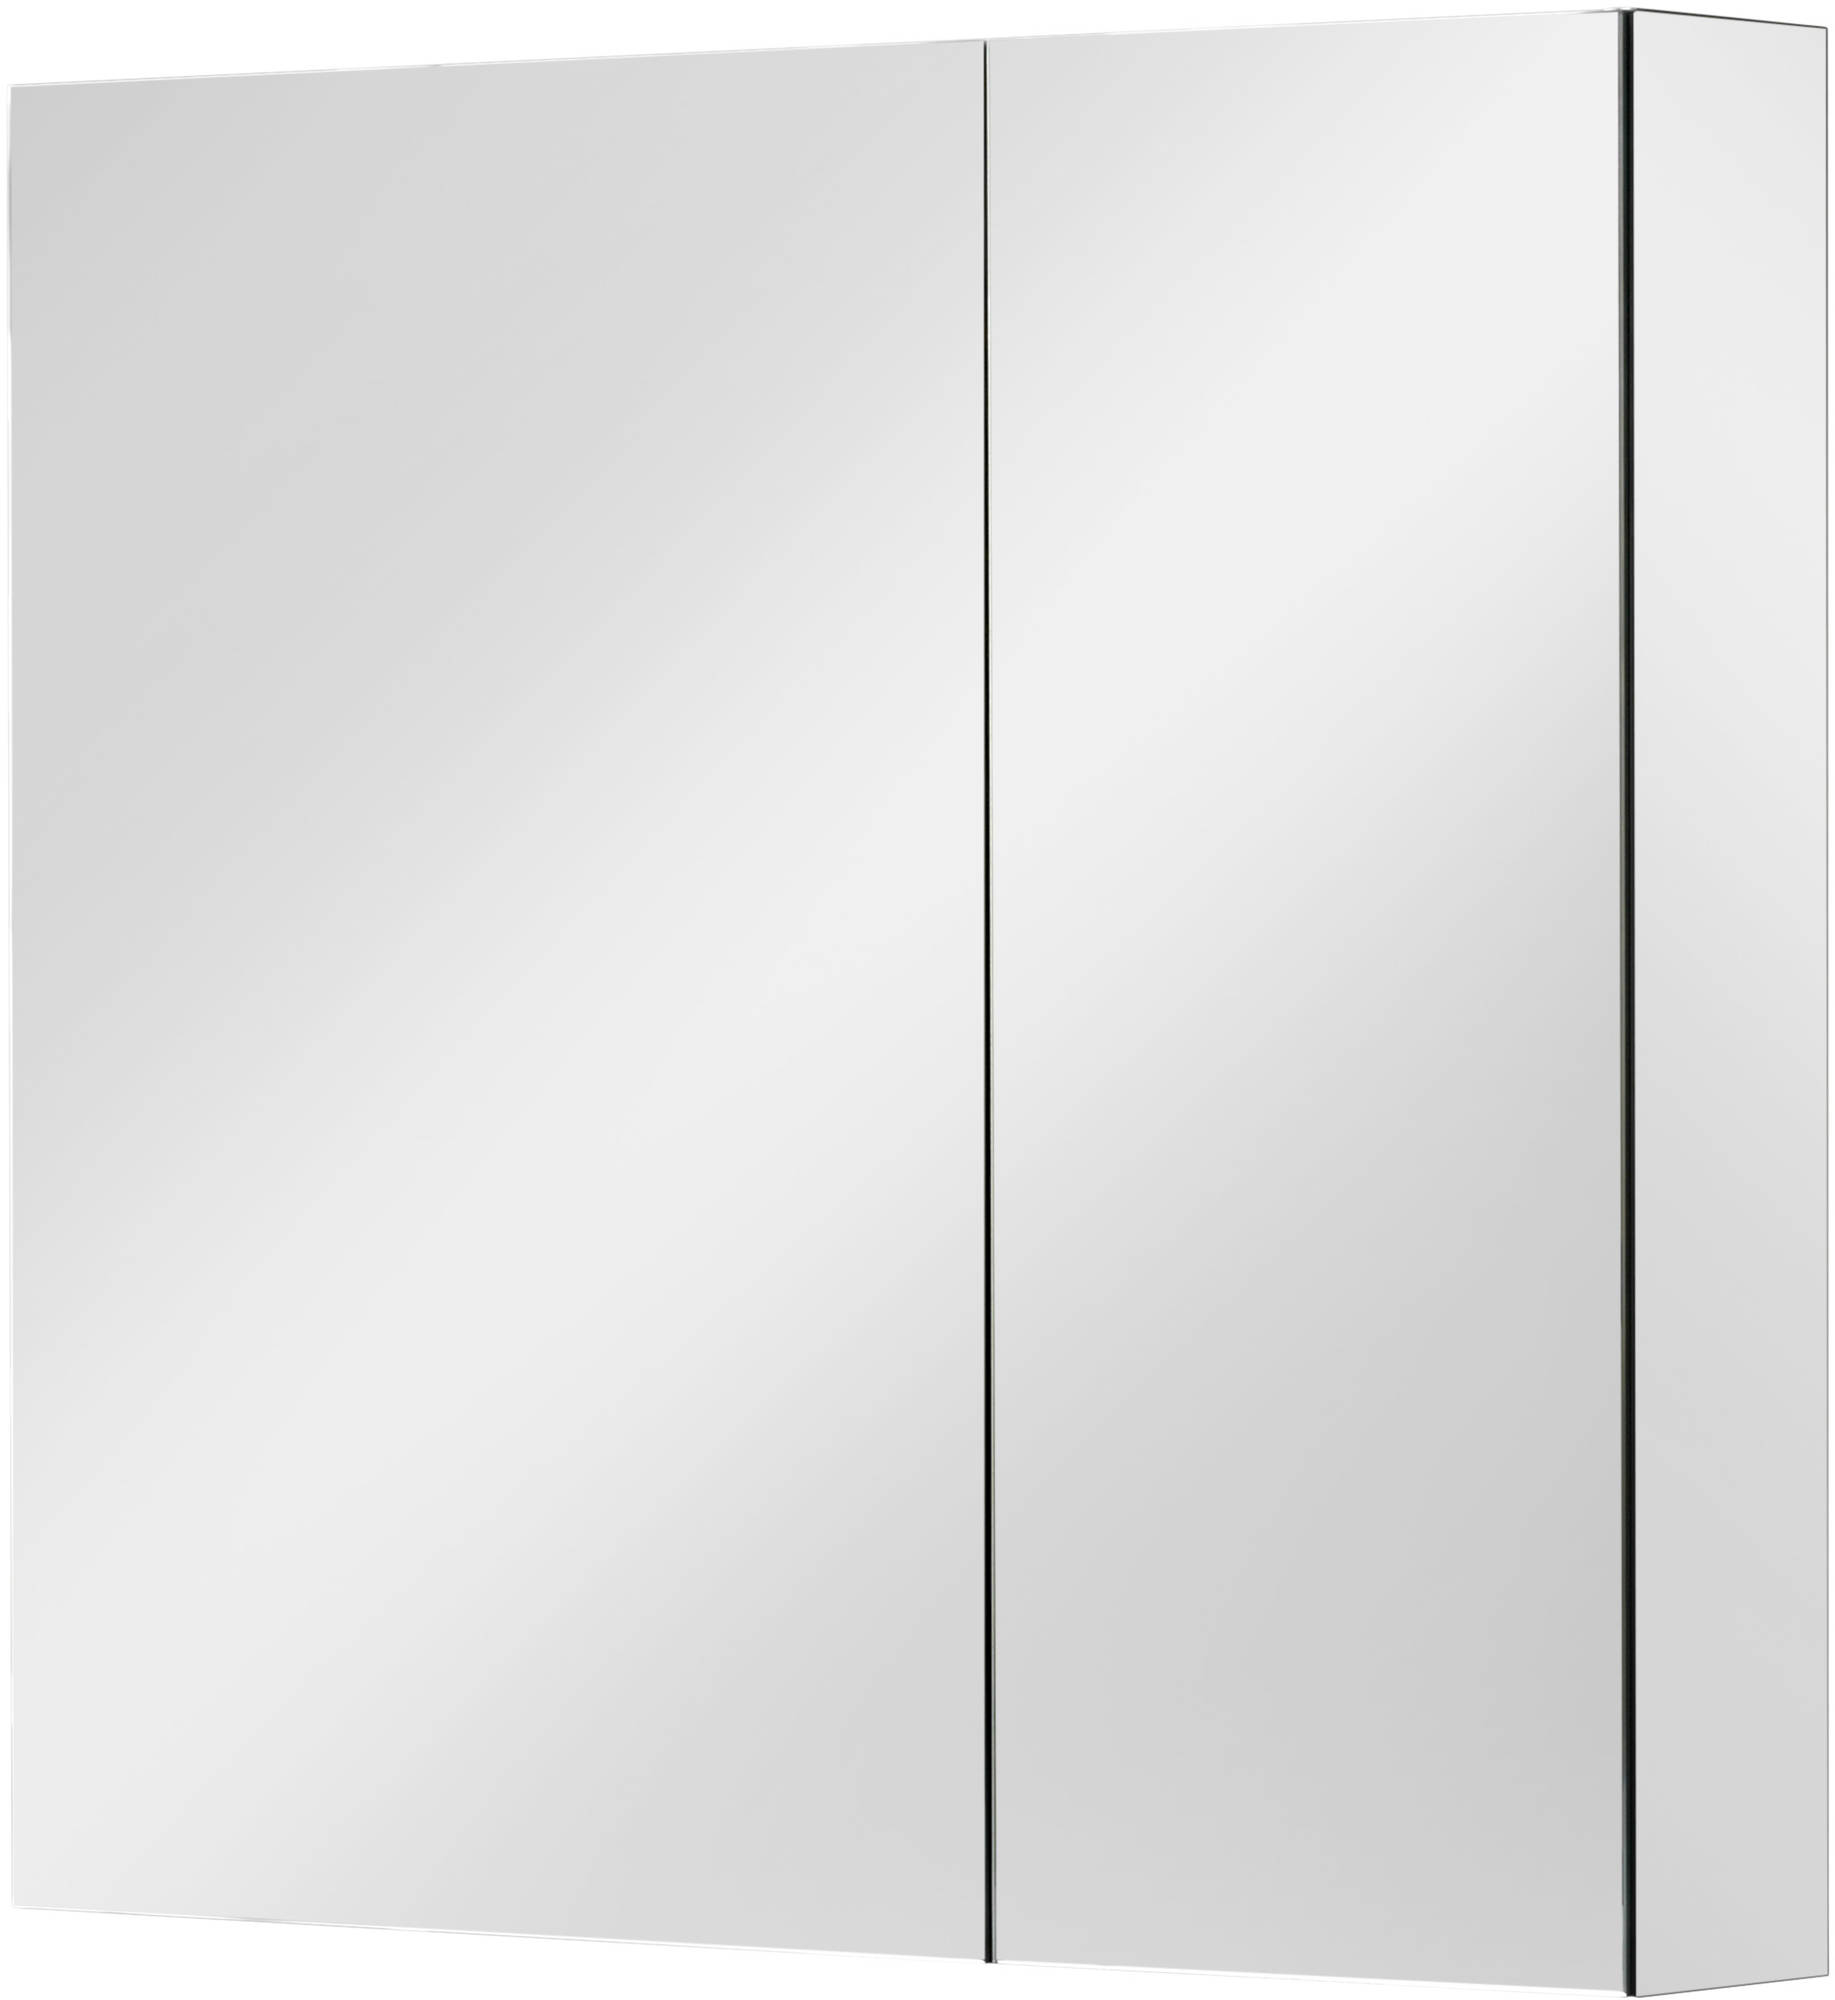 Ben Vario spiegelkast,2 ongelijke delen,links,70x14x75cm, spiegelmelamine omtrokken zijpanelen